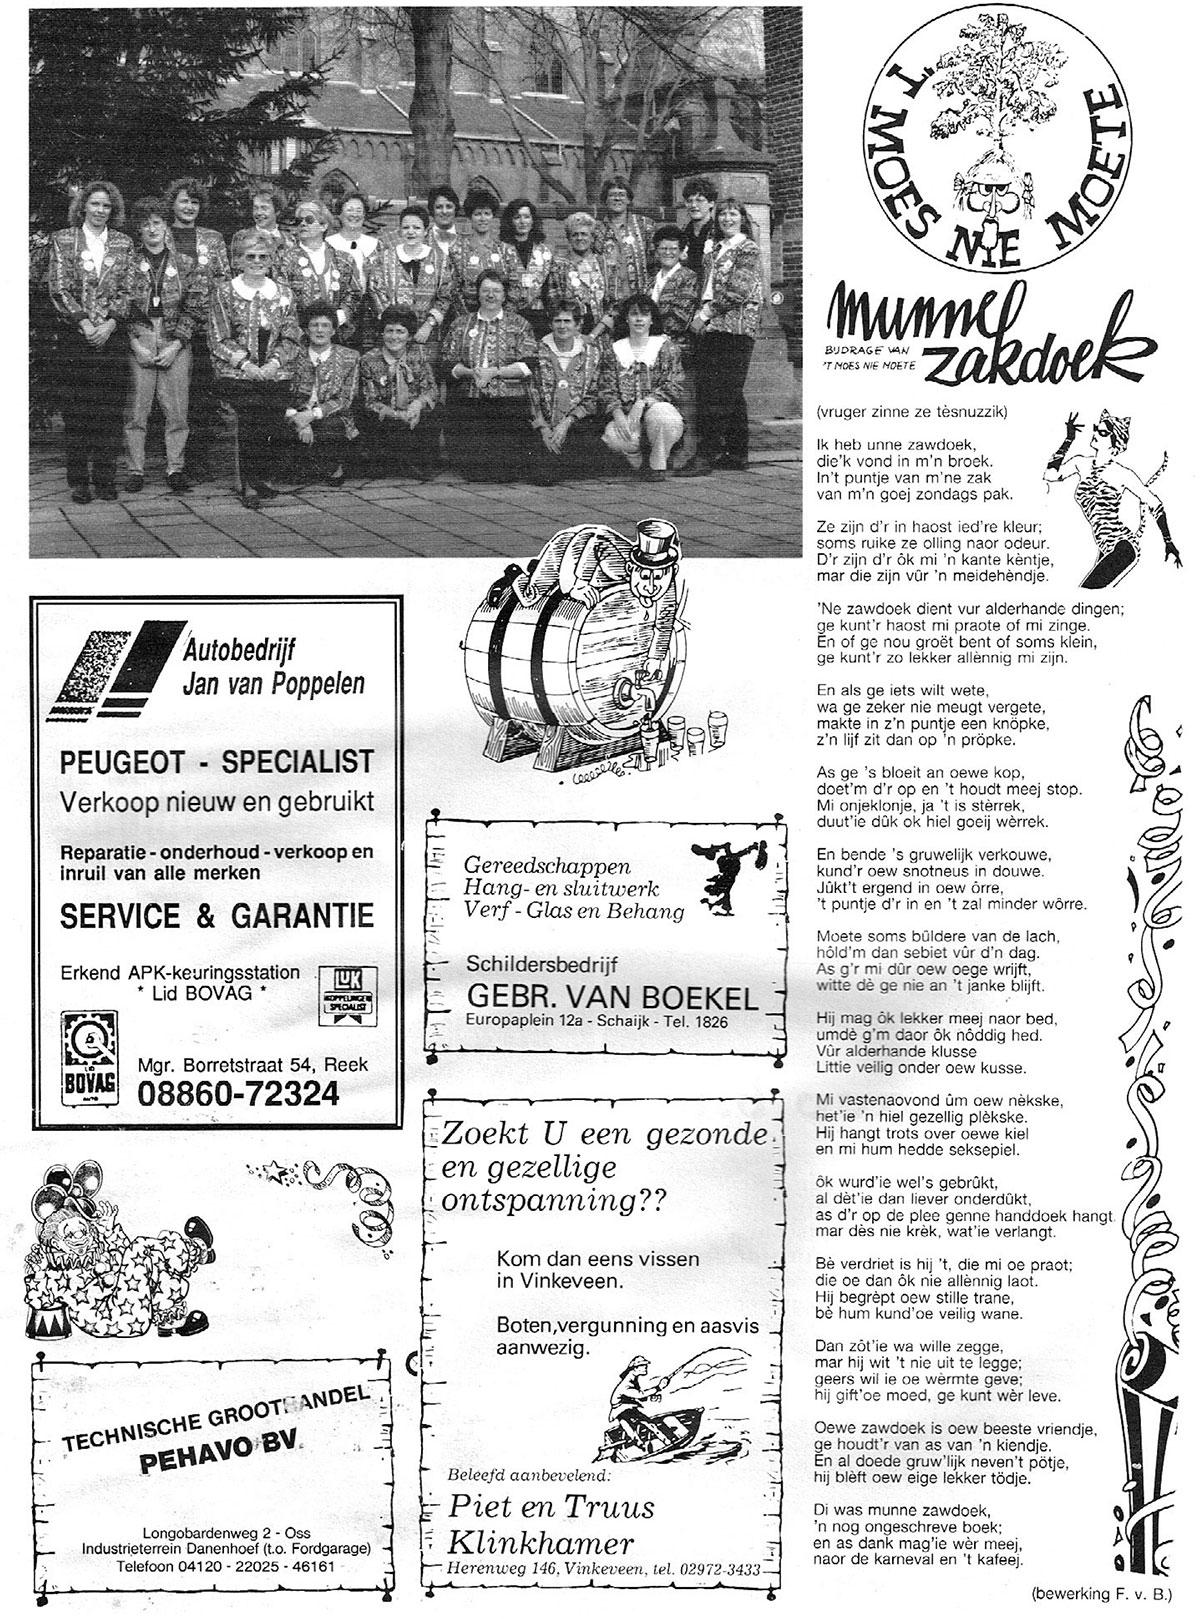 Carnavalskrant 't Moes Nie Moete - 1991